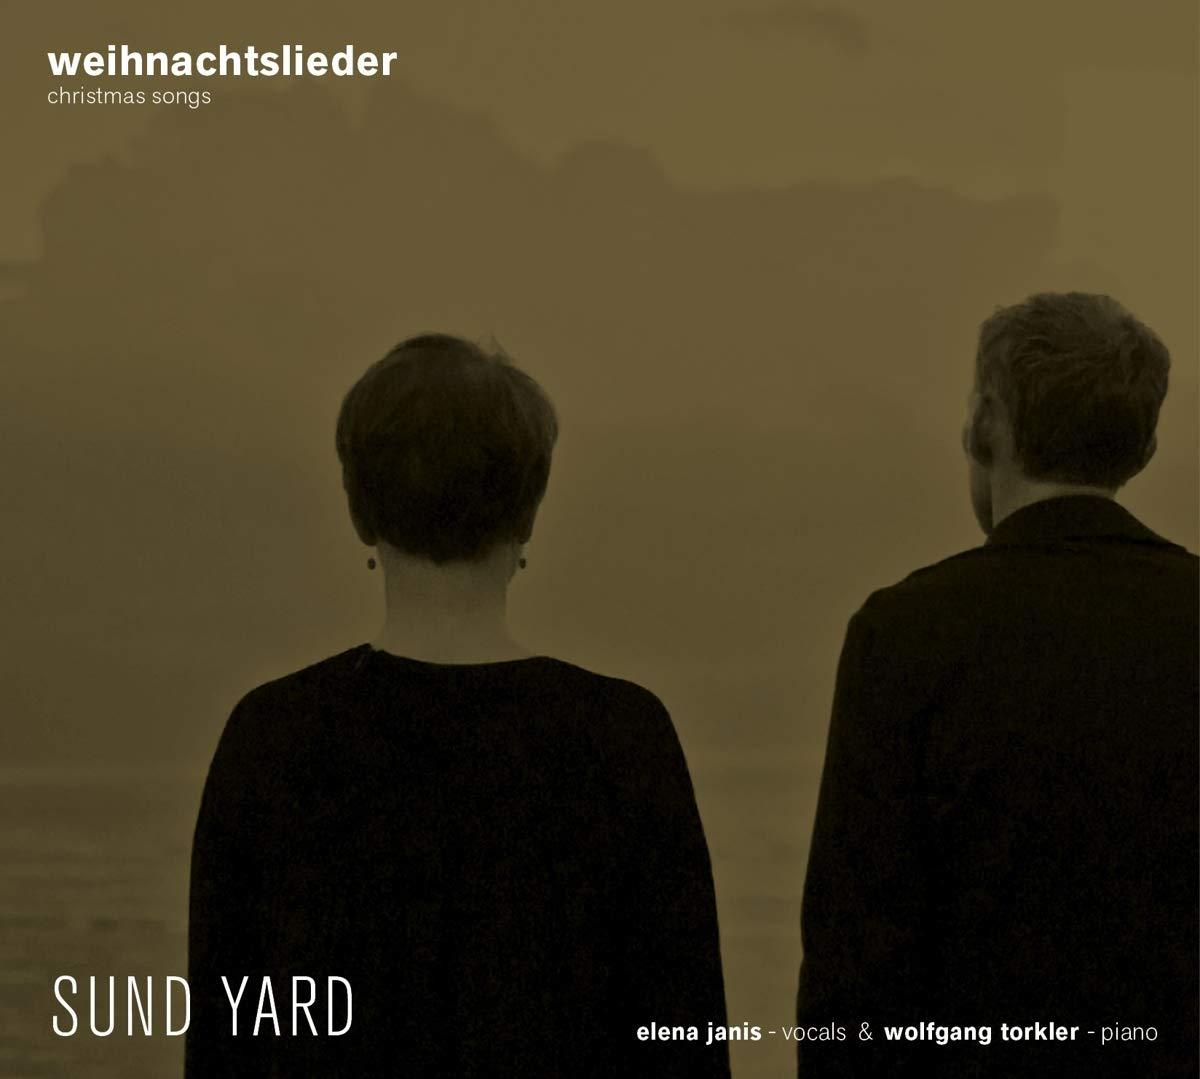 Weihnachtslieder-Christmas Songs - Sund Yard: Amazon.de: Musik